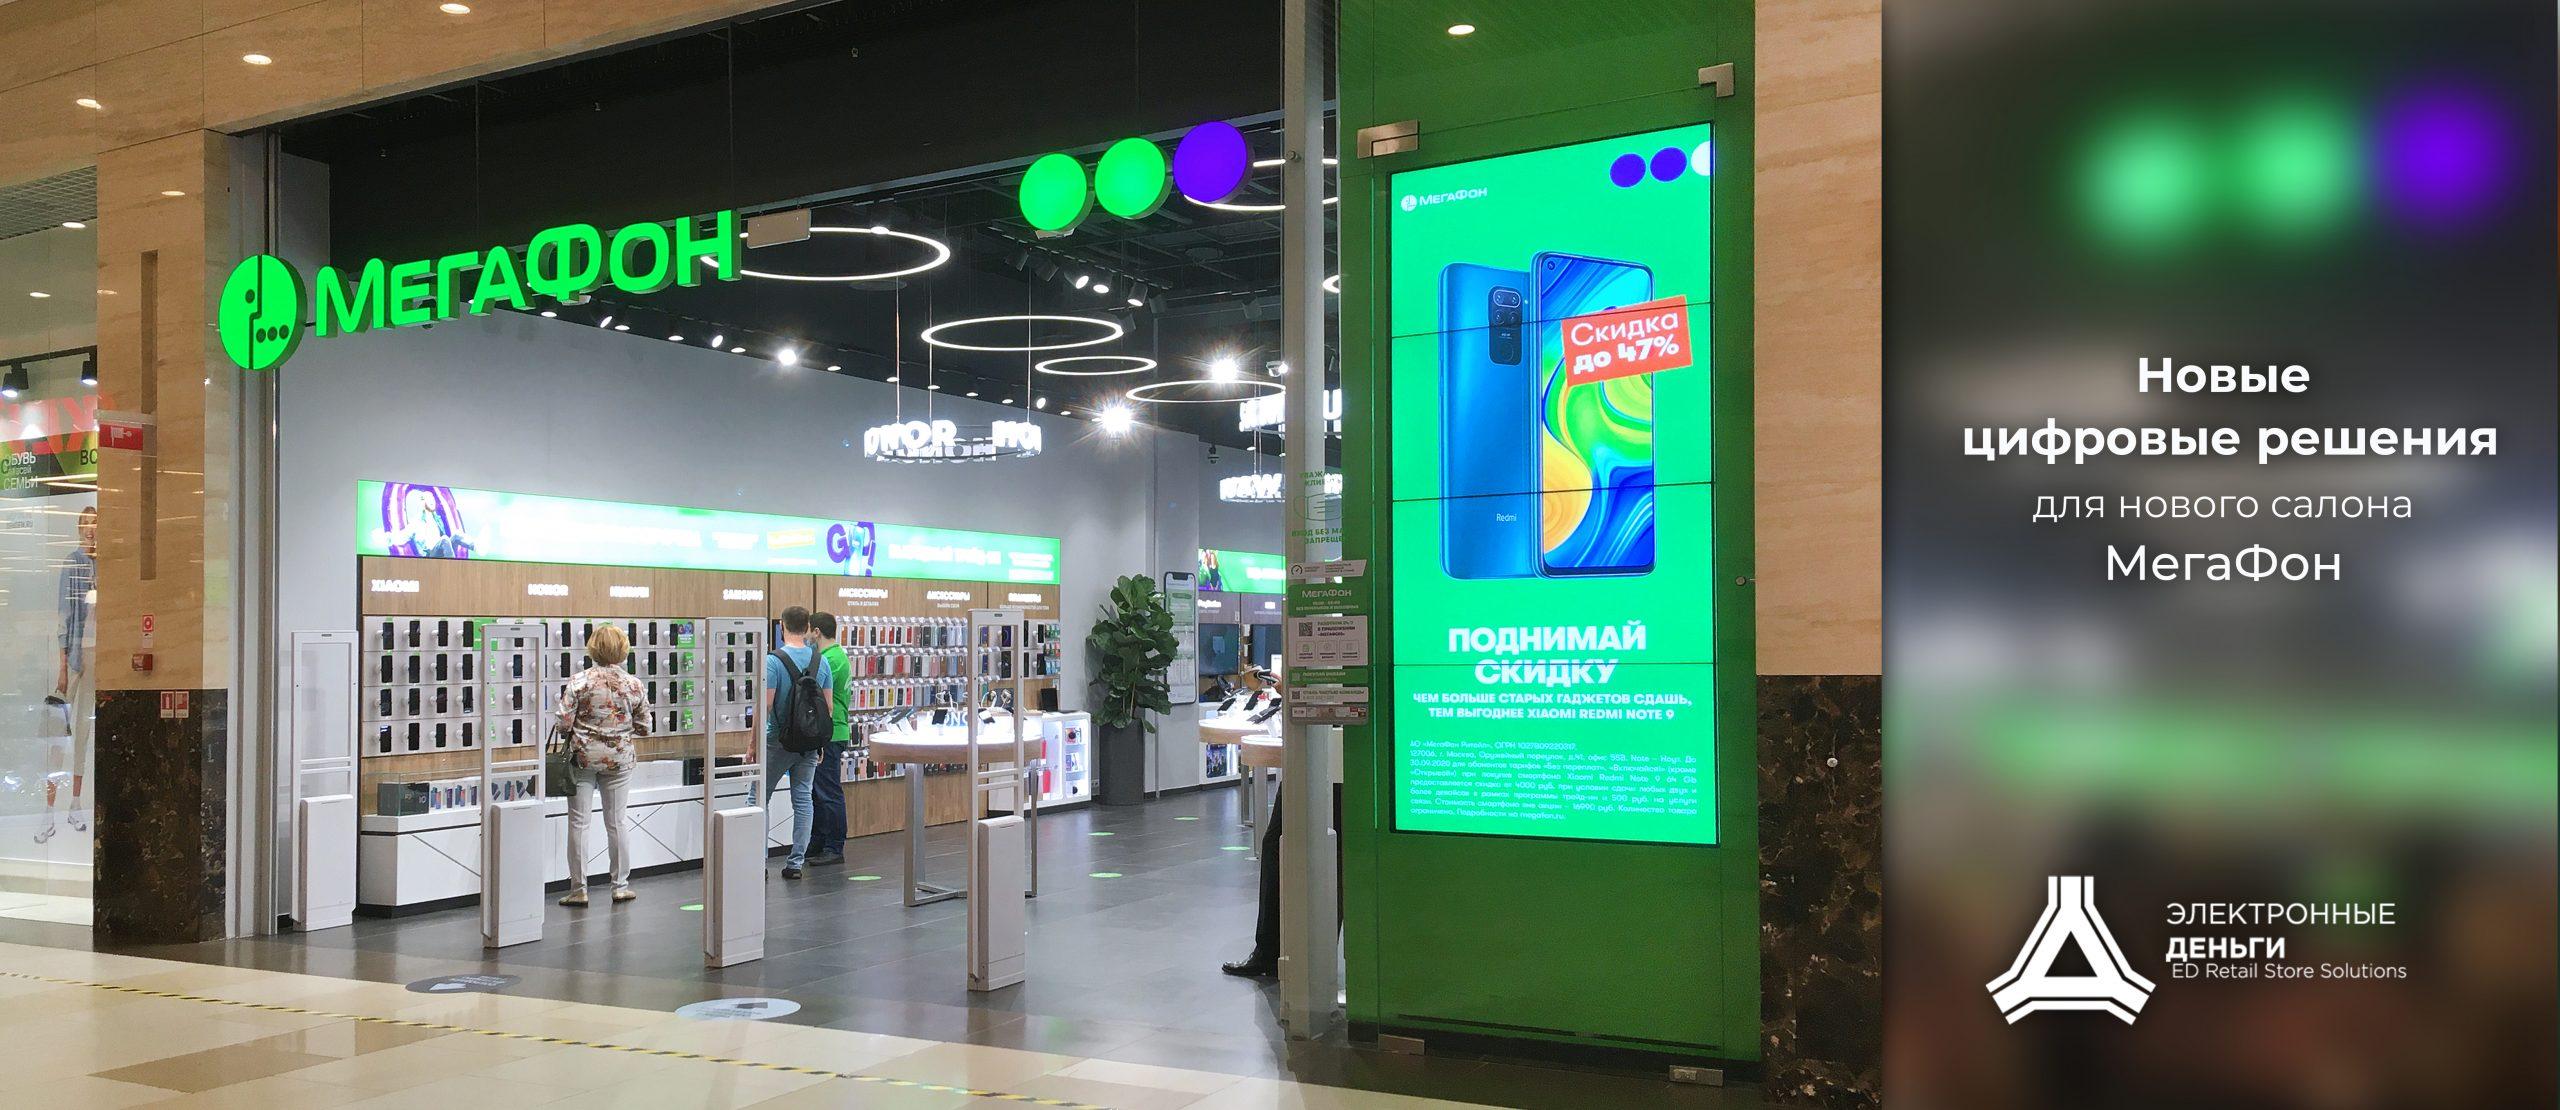 Реклама телефона на большом экране обращает на себя внимание